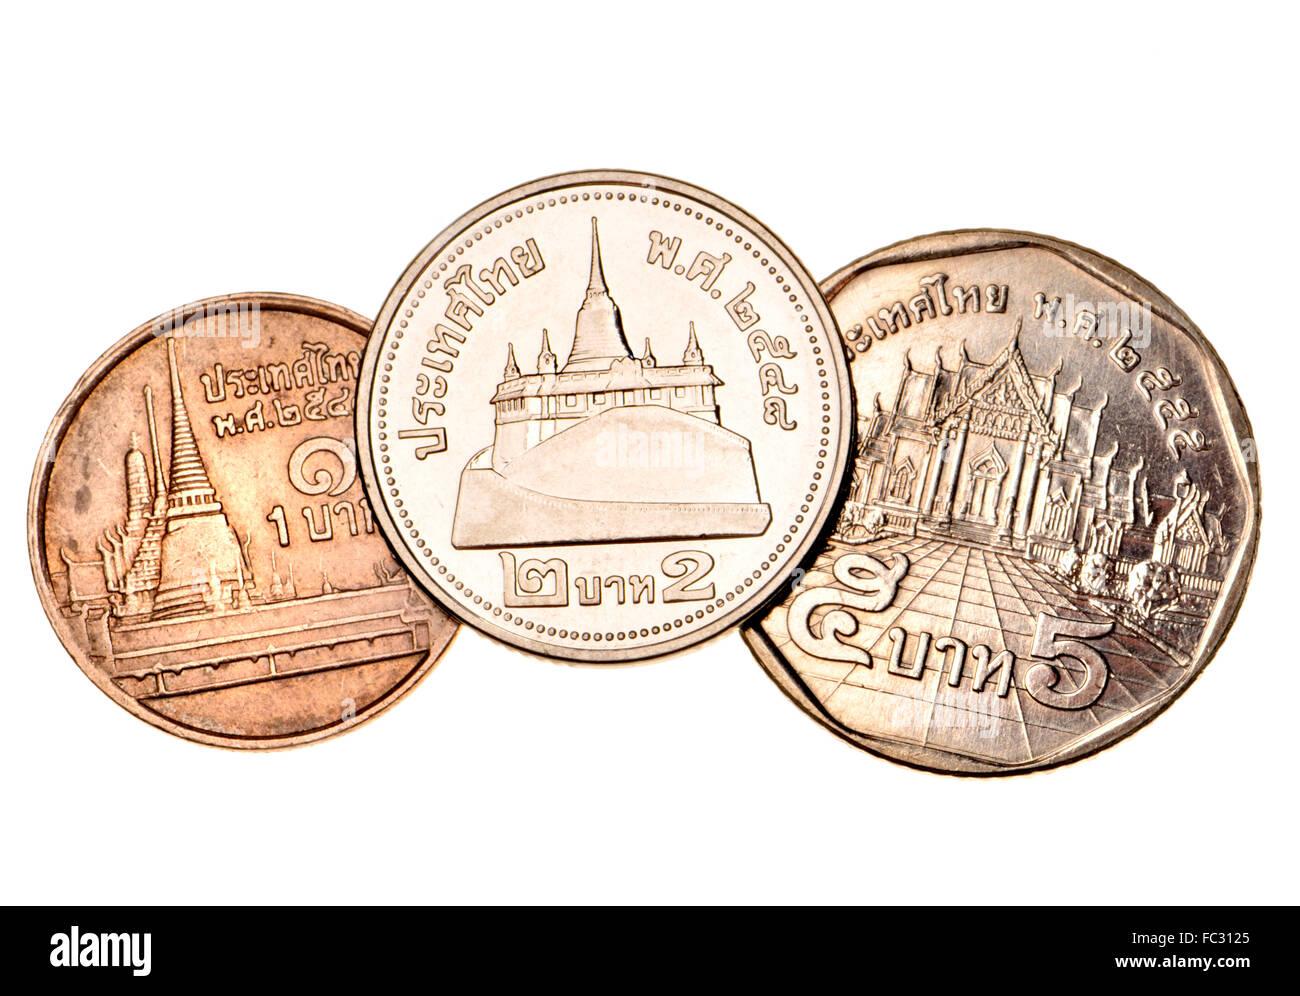 Thai 1 2 Und 5 Baht Münzen Zeigen Wat Phra Kaew 1 Der Golden